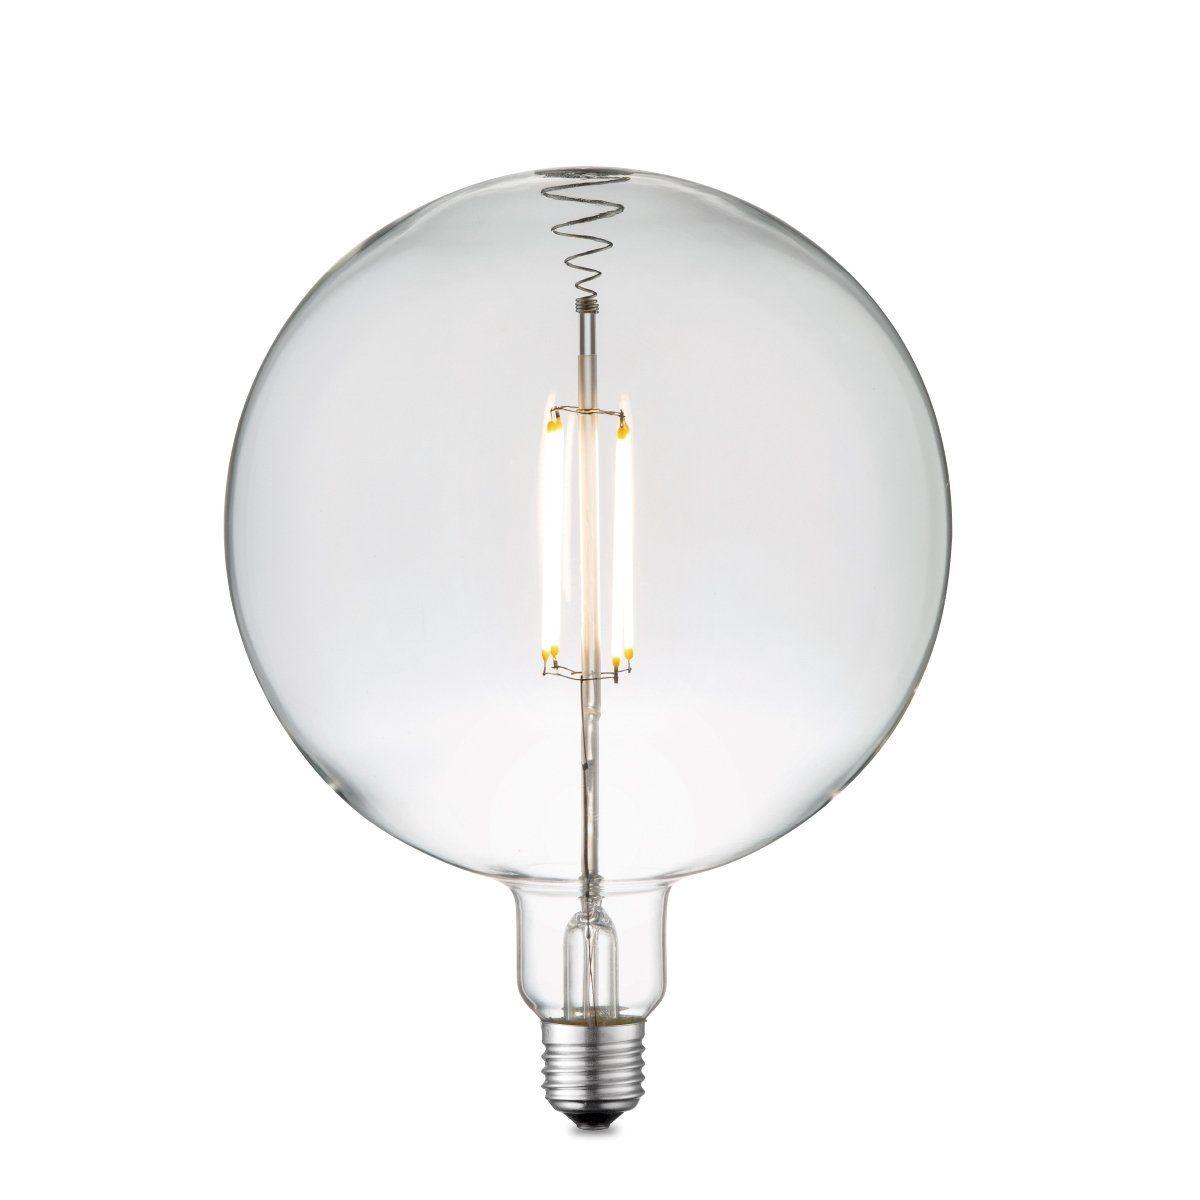 Home sweet home LED lamp Globe G180 E27 4W 400Lm 3000K dimbaar - helder